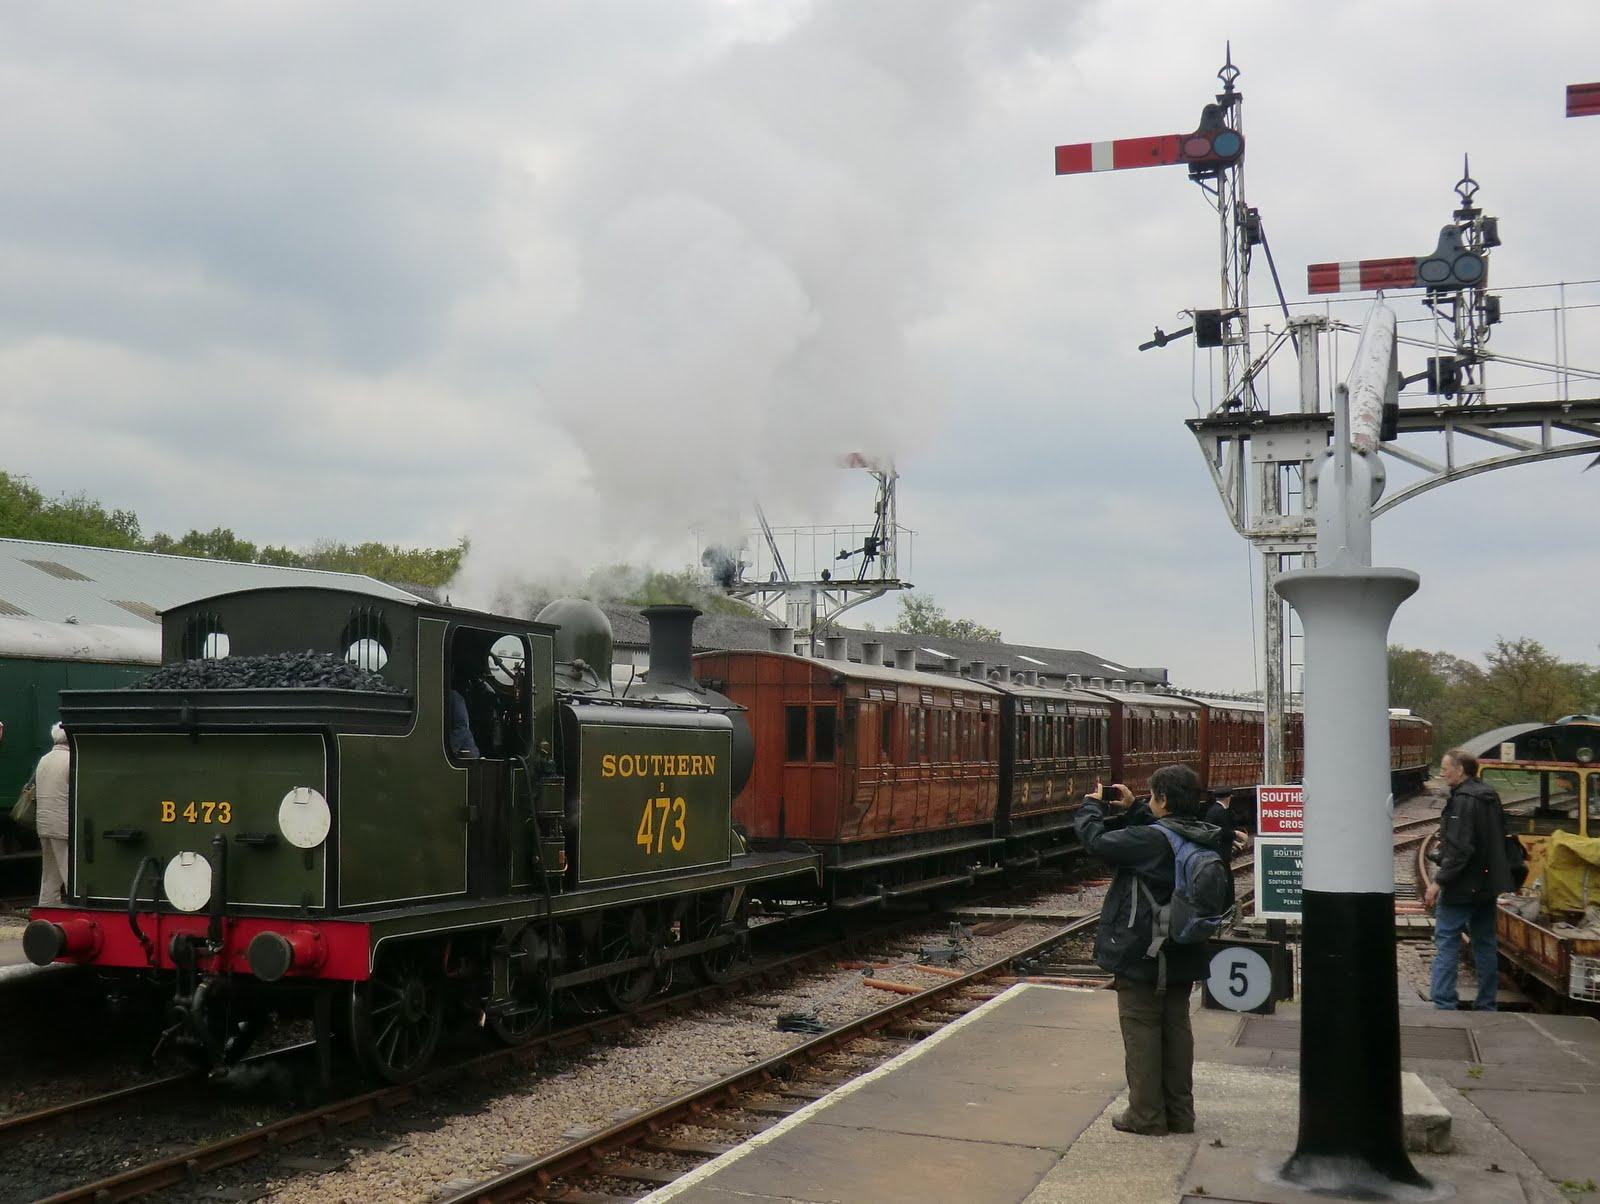 CIMG6417 The 11:15 arriving at Horsted Keynes station